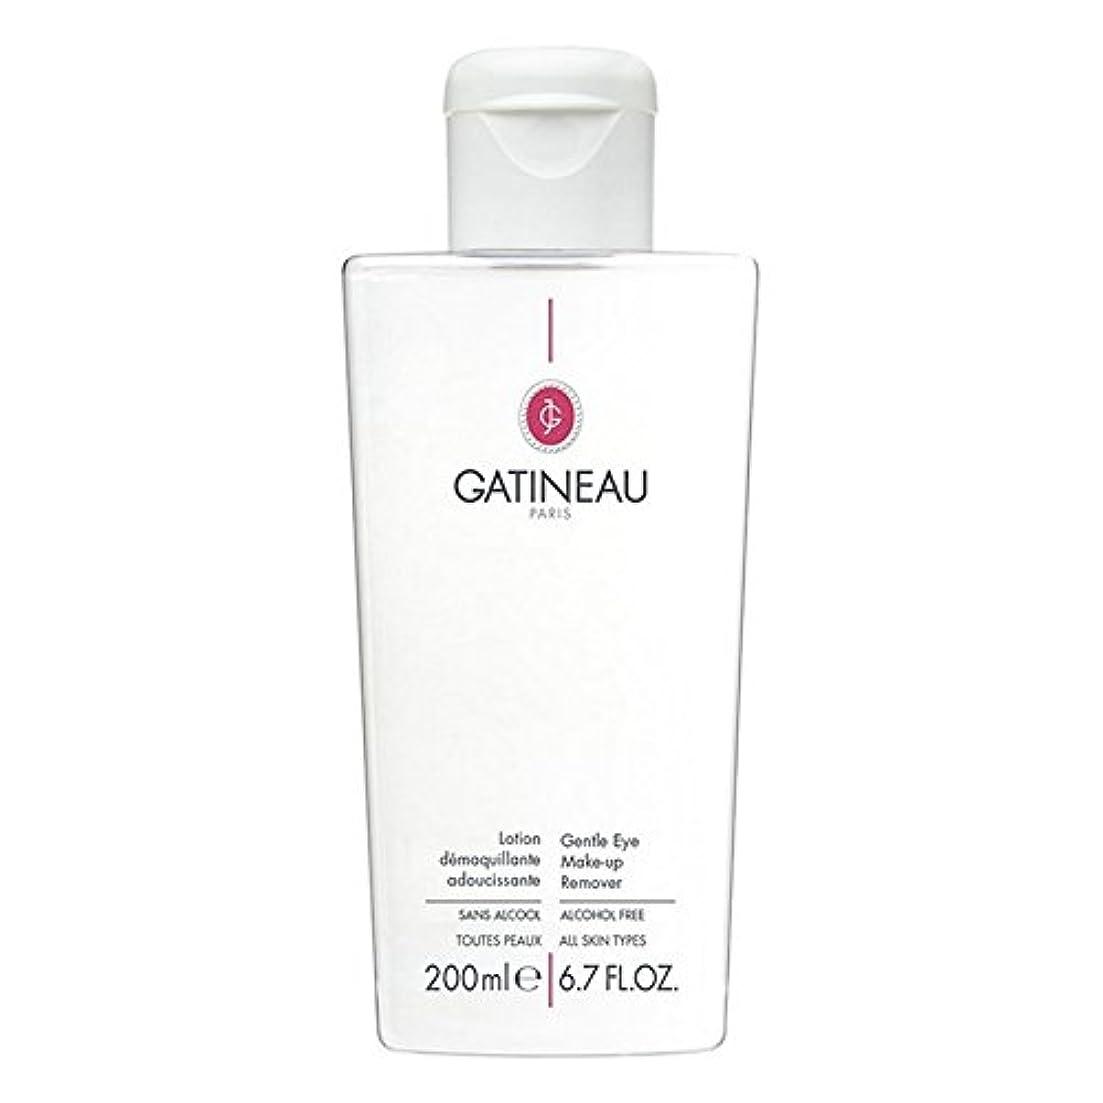 ガティノー優しいアイメイクリムーバー200ミリリットル x4 - Gatineau Gentle Eye Makeup Remover 200ml (Pack of 4) [並行輸入品]